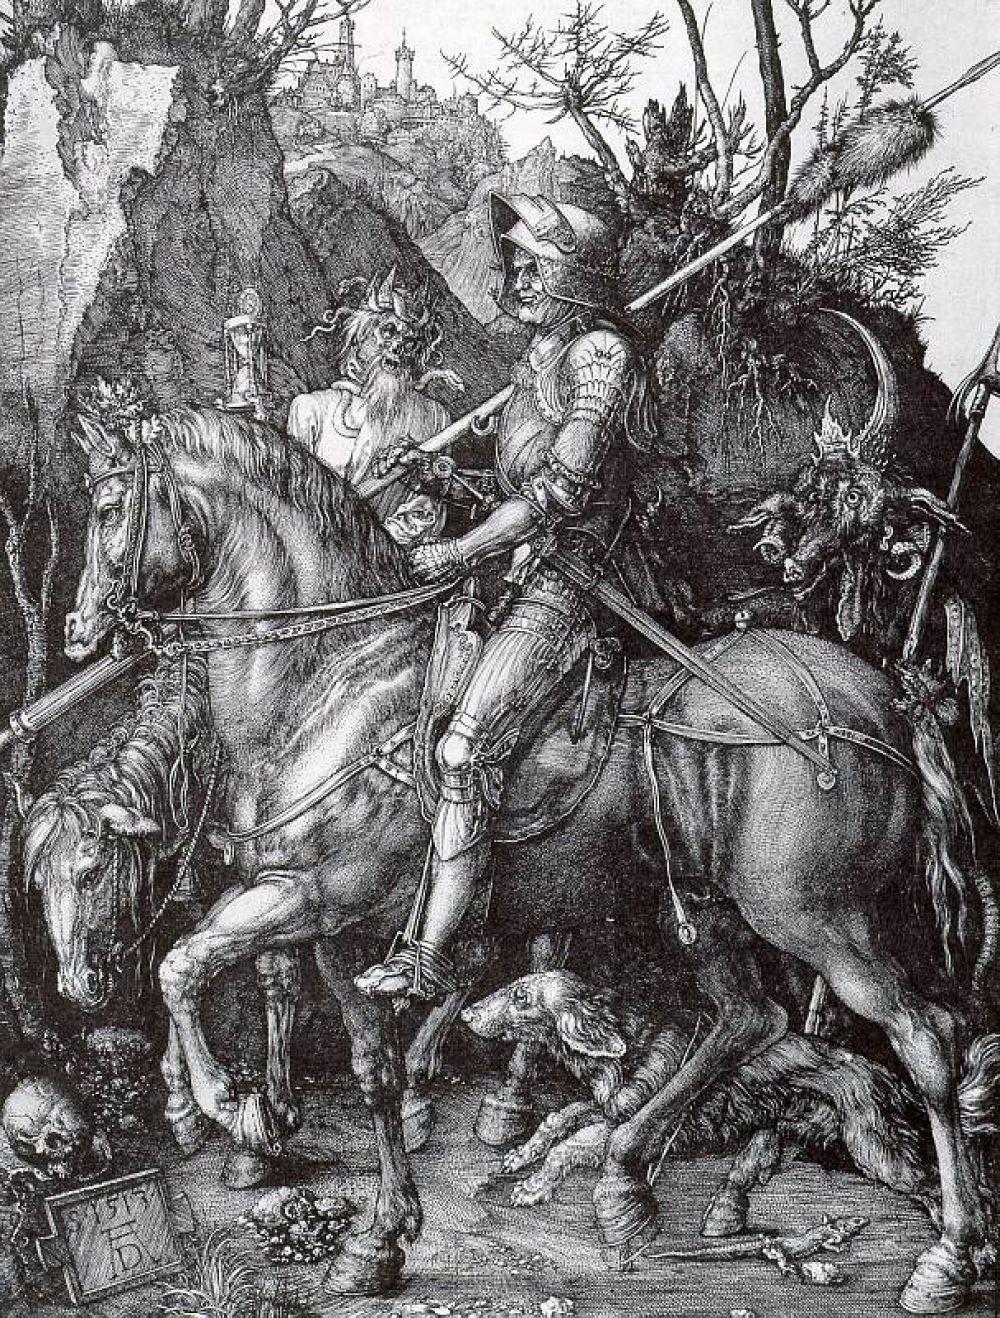 Женитьба на Агнесе Фрай в 1494 году, благодаря которой социальный статус Дюрера повысился, позволила художнику создать свое собственное дело. Он открывает мастерскую, где создает значительную часть своих гравюр, экспериментирует с гравировкой на меди, выполняет заказы нюрнберских издателей и приобретает общеевропейскую известность.